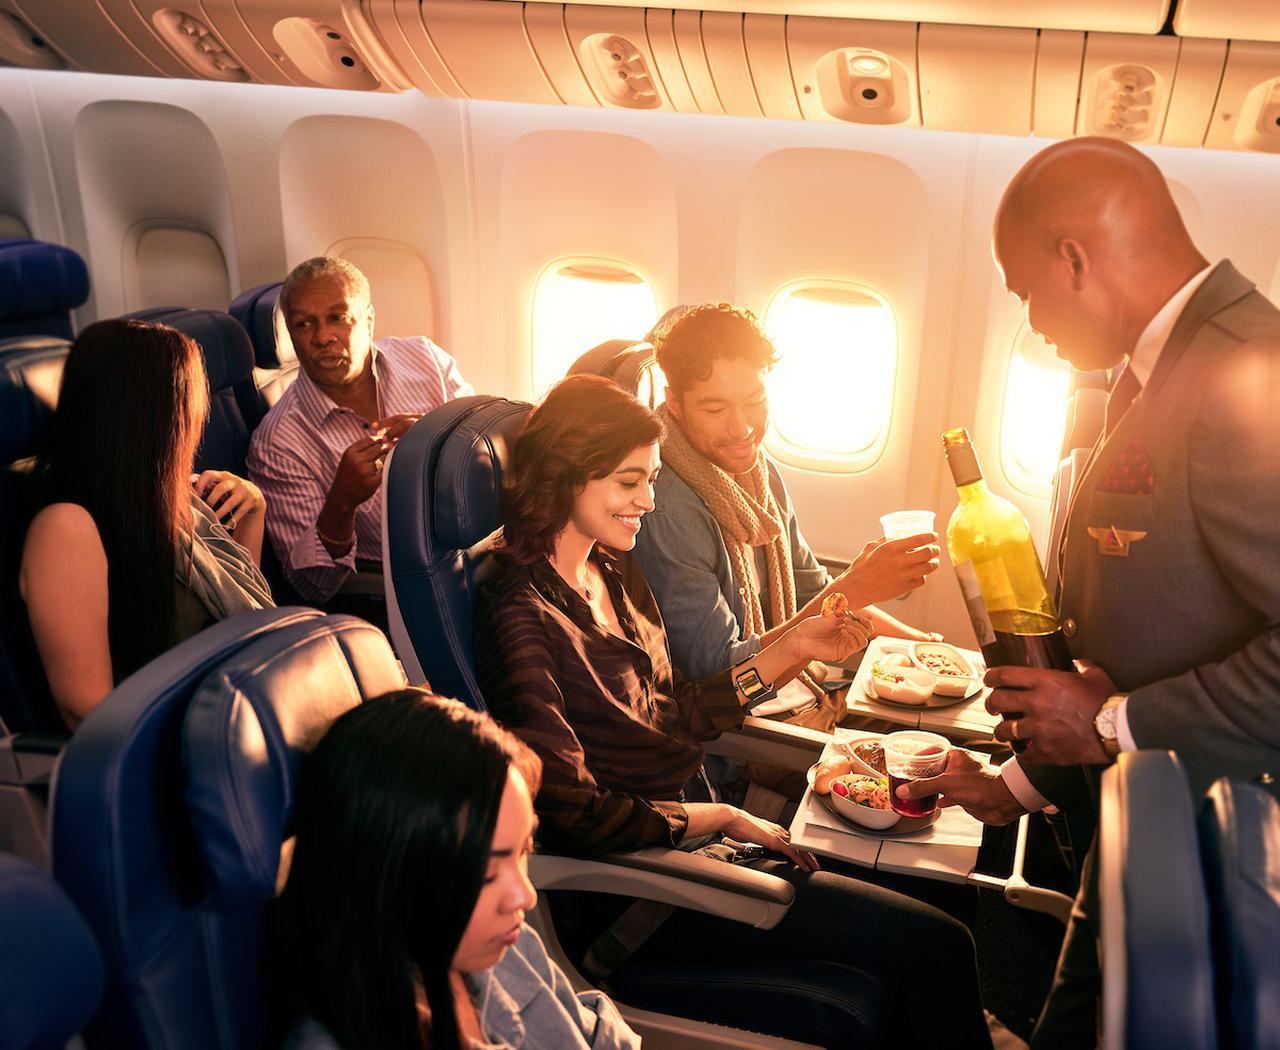 画像: エコノミークラス食事の様子/デルタ航空提供(イメージ)